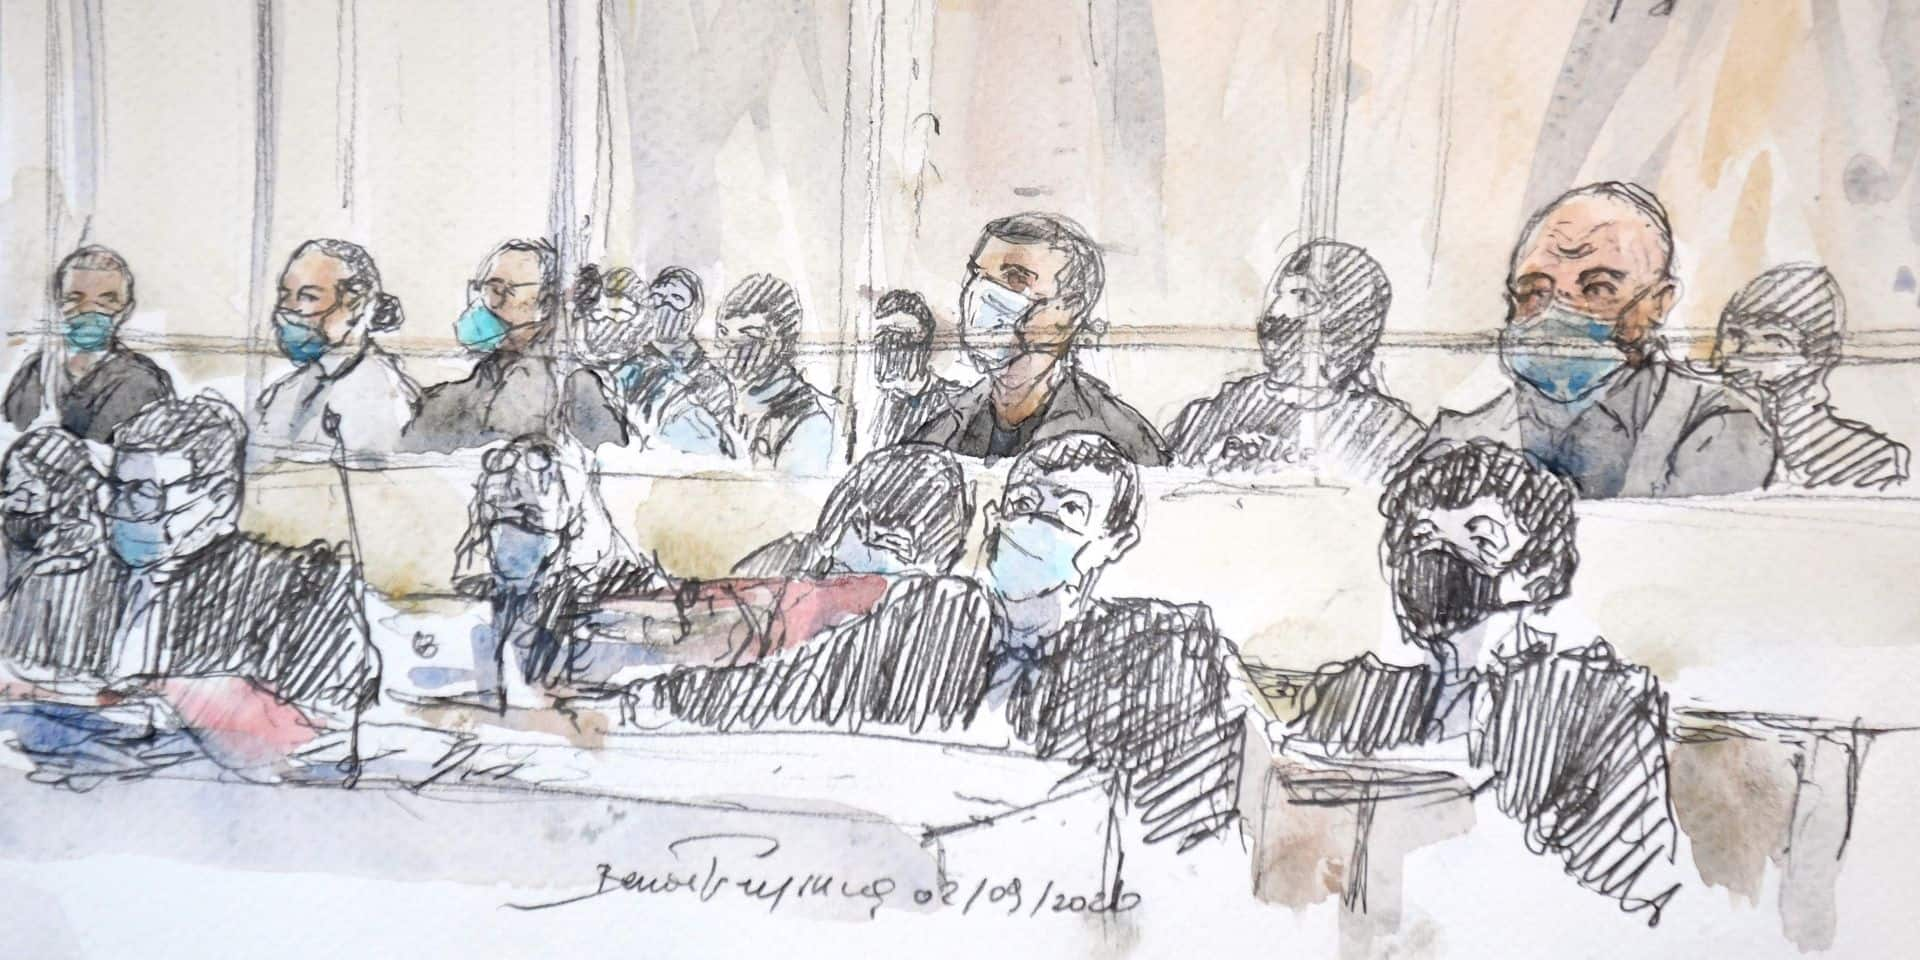 Après des débuts laborieux, le procès Charlie se penche sur le profil des accusés